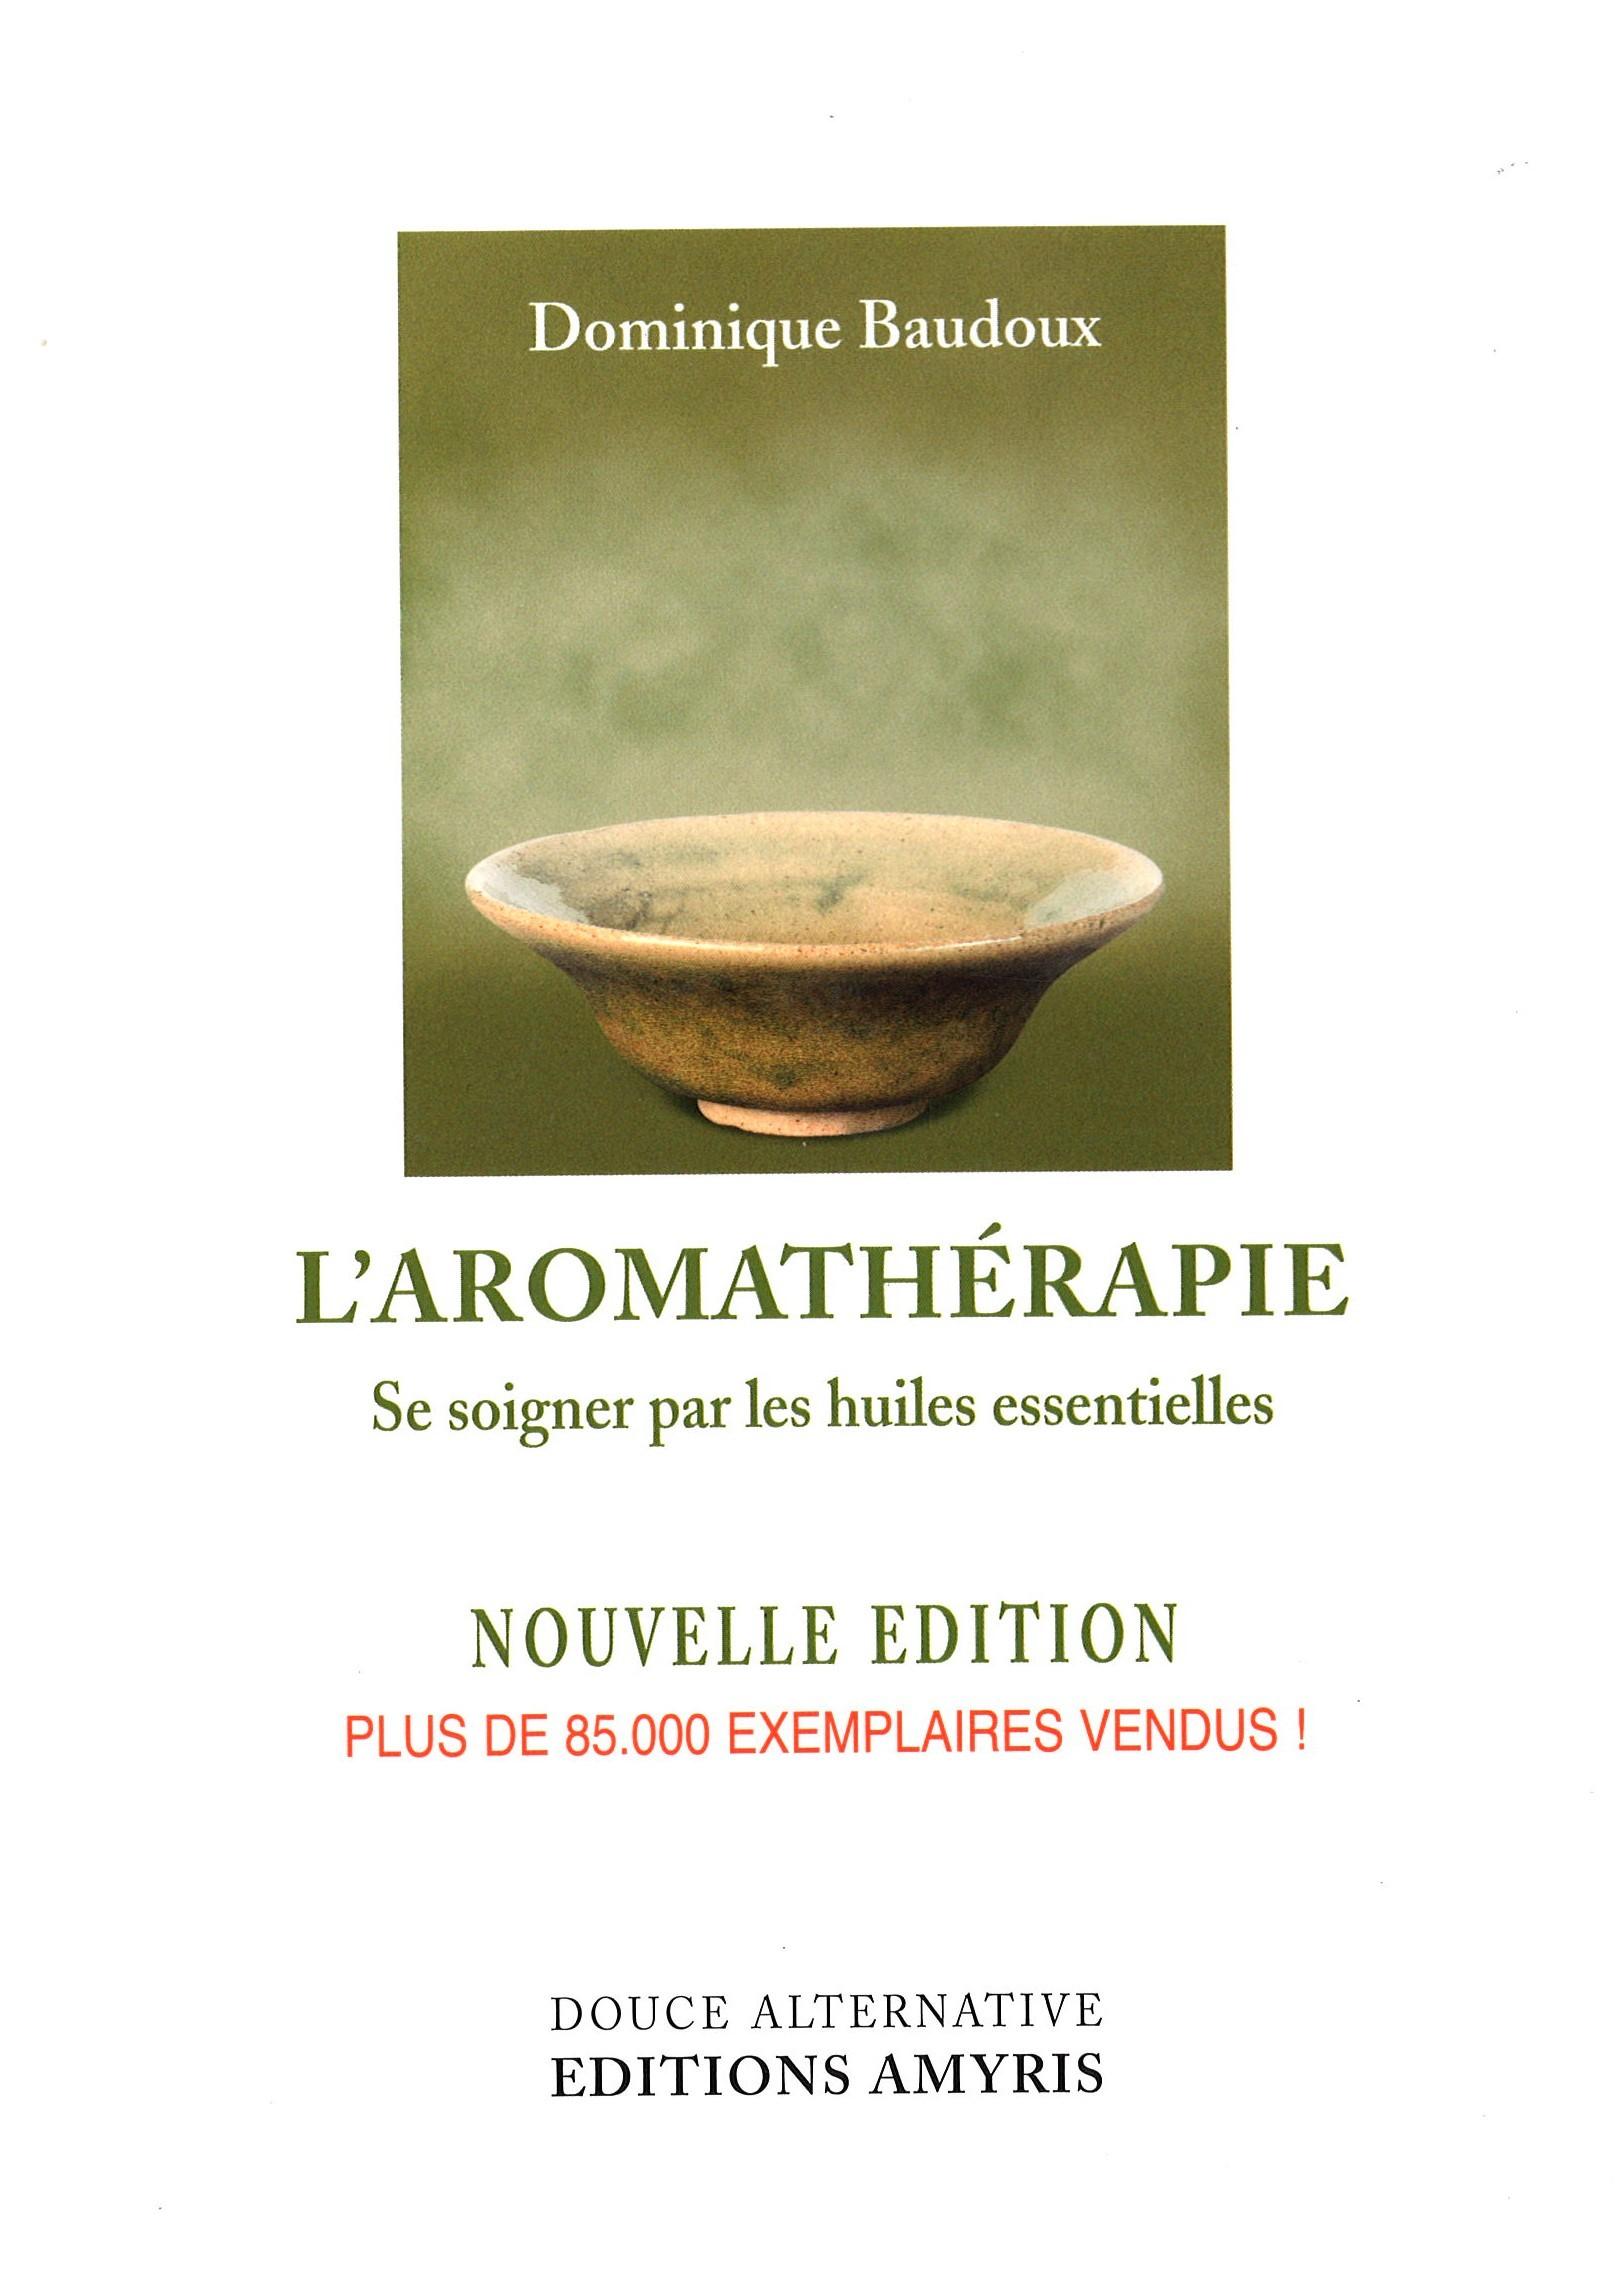 L'aromathérapie - se soigner par les huiles essentielles